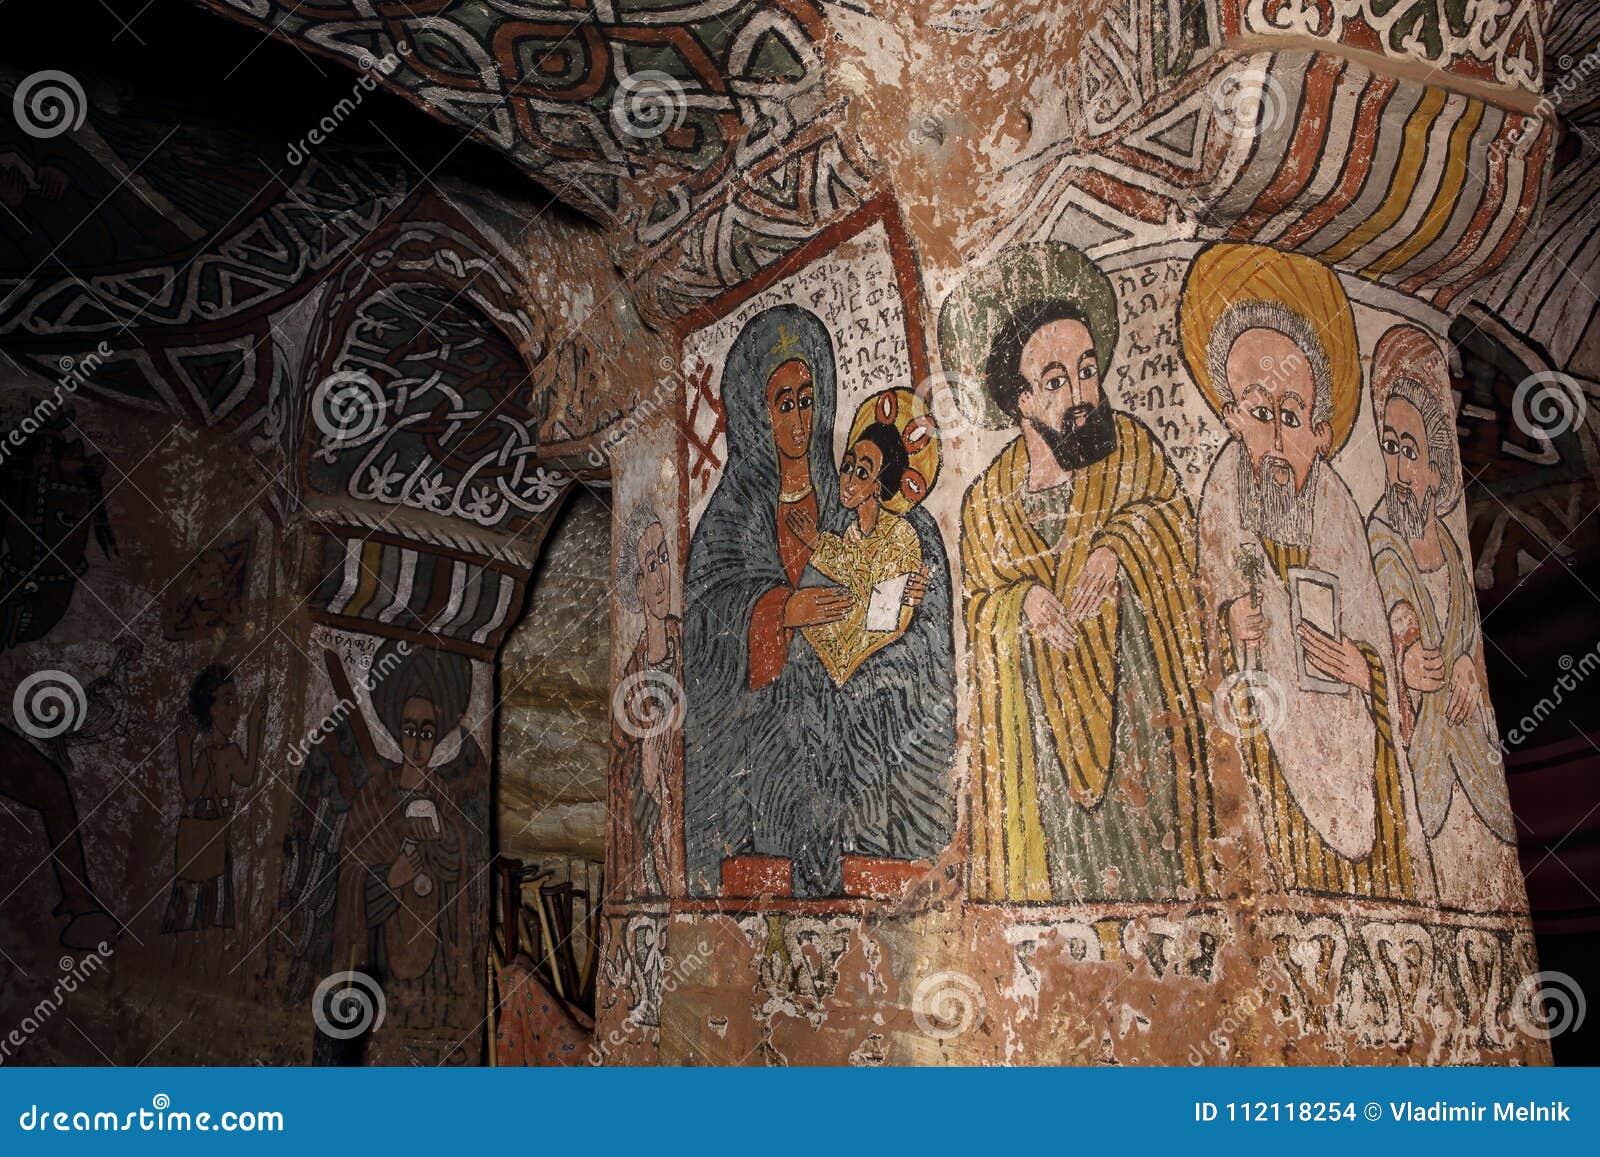 Iconographic platser i Abuna Yemata kyrktar i Etiopien